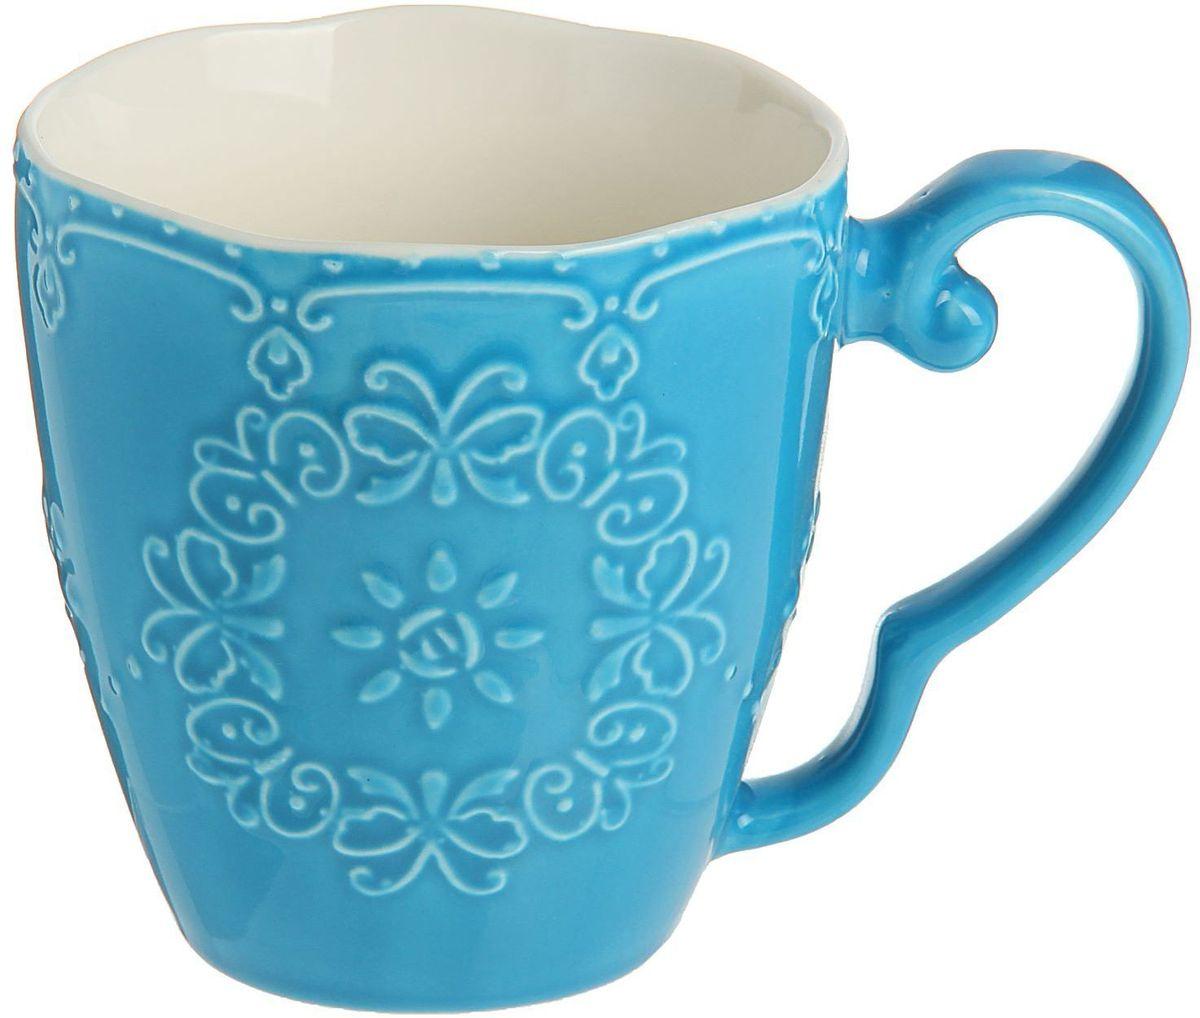 Кружка Доляна Кружева, цвет: синий, 270 мл1075431Кружка Доляна Кружева изготовлена из керамики. Корпус чашки украшен выпуклым кружевным рисунком. Кружка станет отличным подарком для родных и близких. Это любимый аксессуар на долгие годы.Относитесь к изделию бережно, и оно будет дарить прекрасное настроение каждый день.